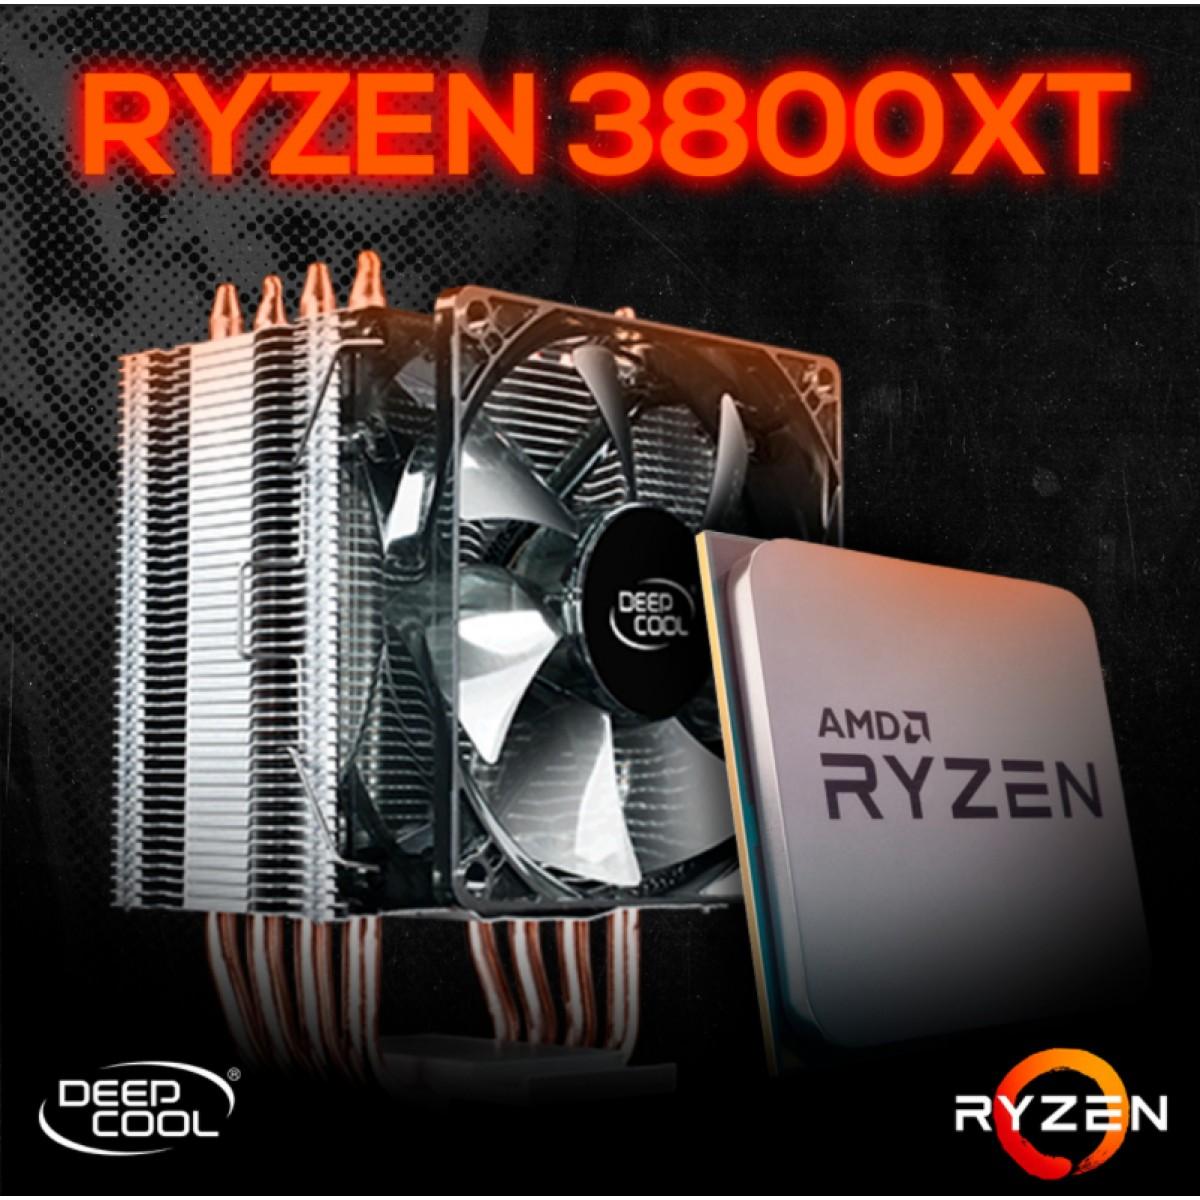 Kit Processador AMD Ryzen 7 3800XT 3.9ghz (4.7GHz Turbo), 8-cores 16-threads, + Cooler Master Hyper H412R